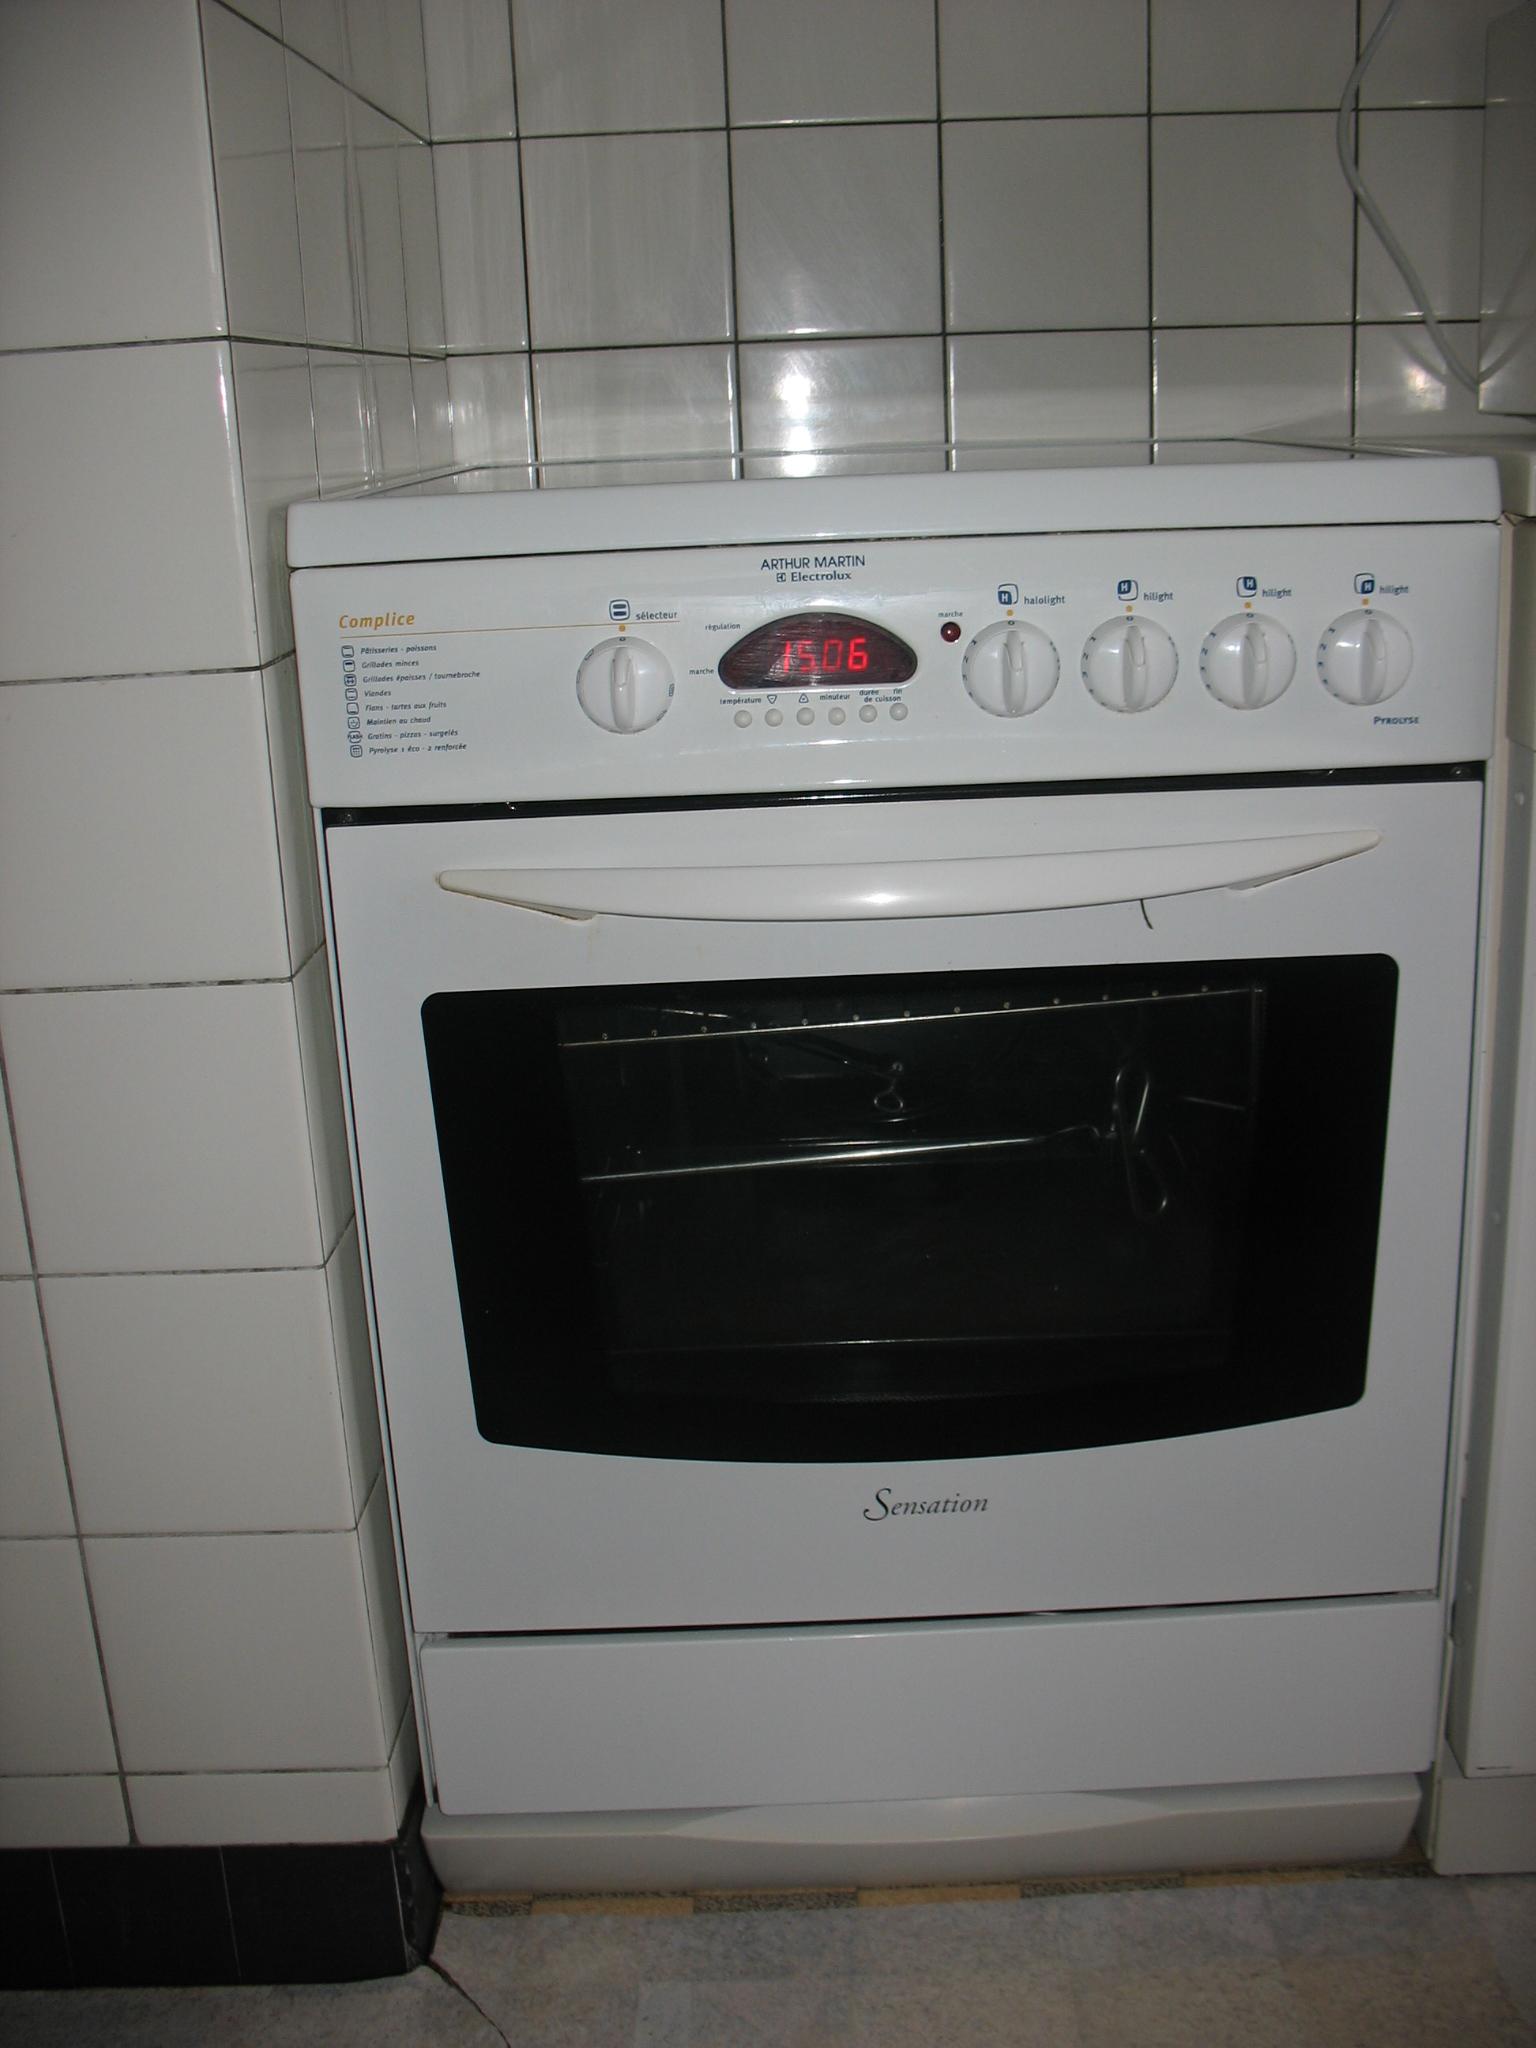 ventes aux ench res en suisse cuisini re vitroc rame. Black Bedroom Furniture Sets. Home Design Ideas